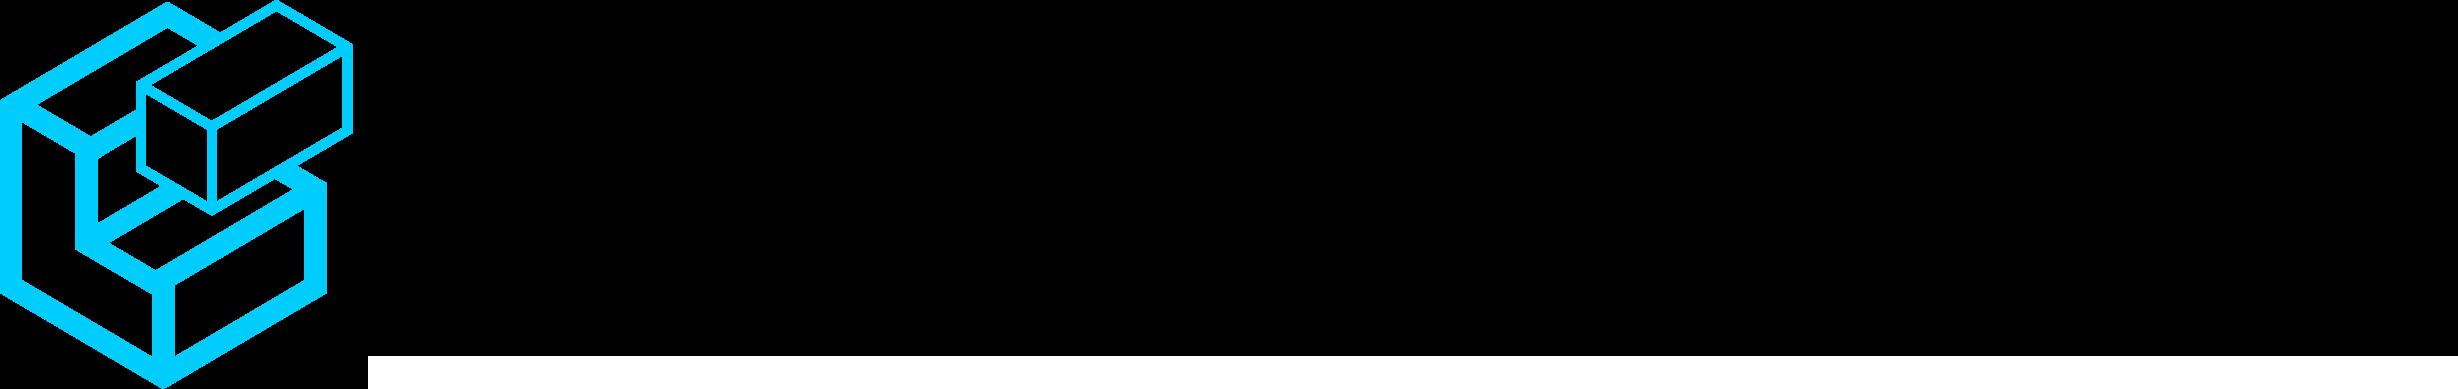 logo_deepblock_big